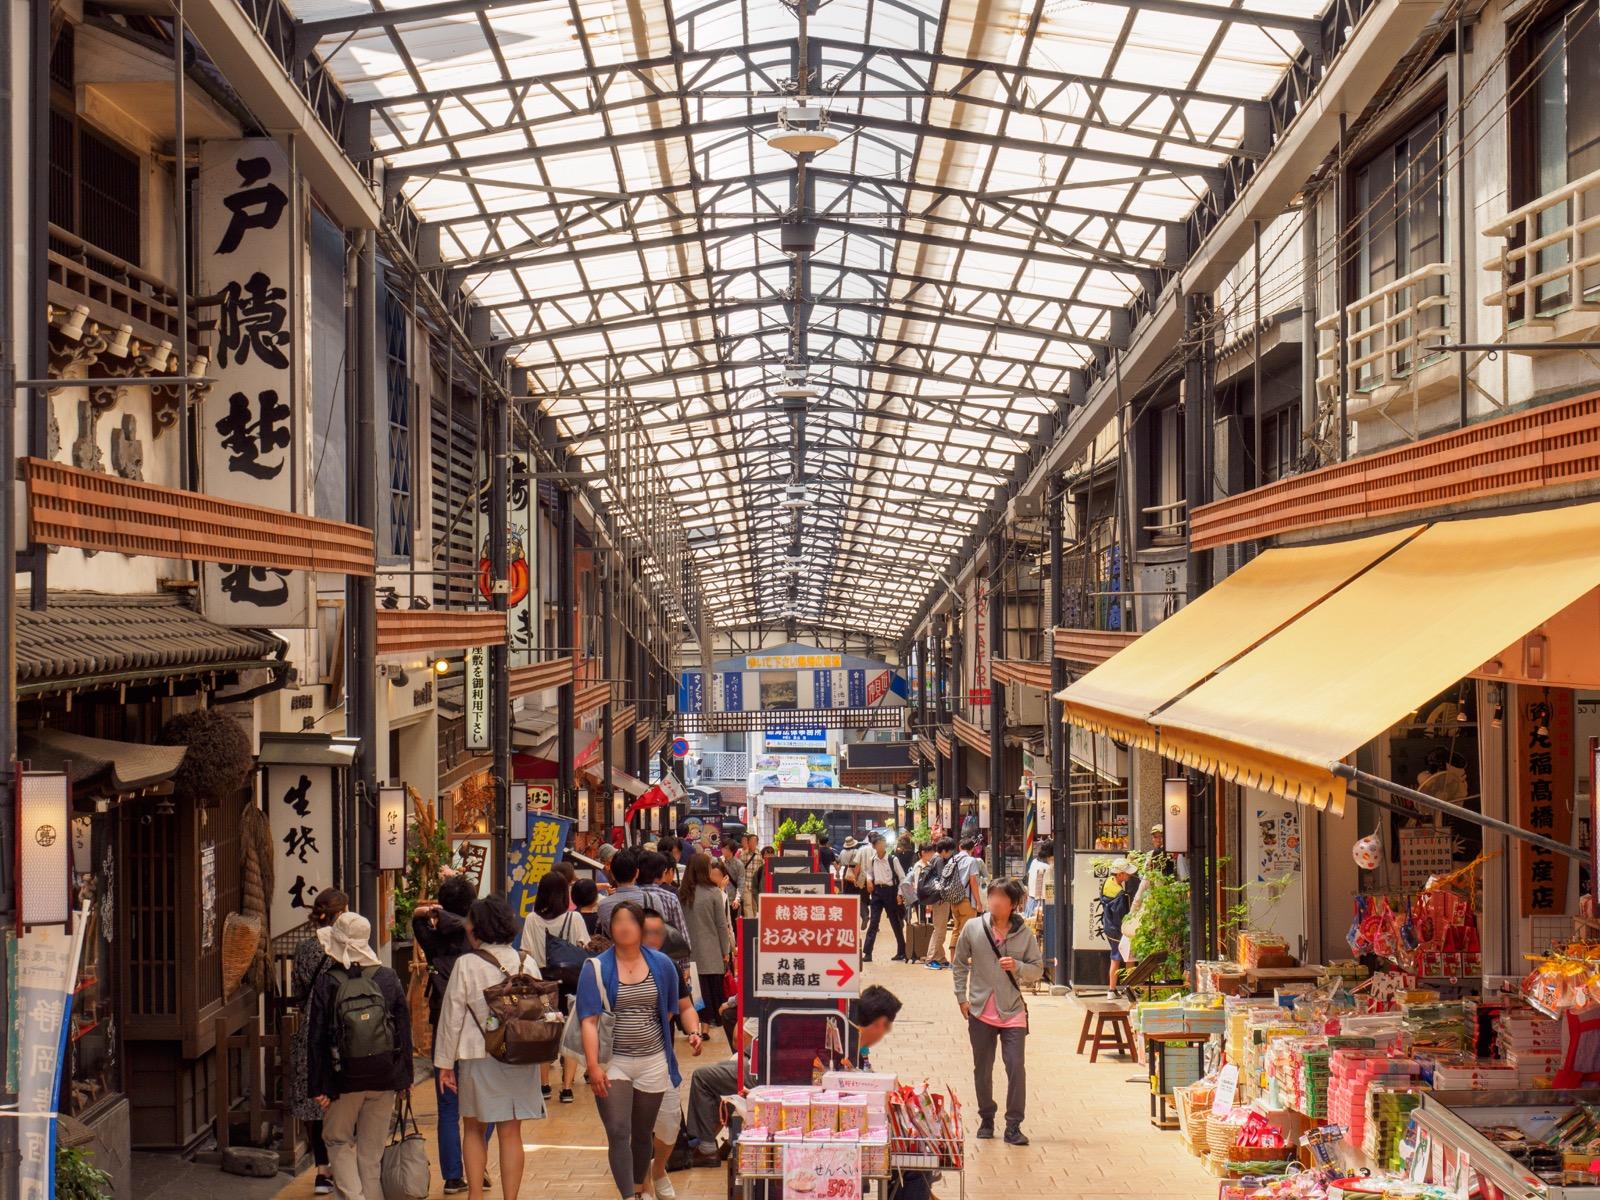 熱海駅前にある仲見世通り商店街(2016年5月)